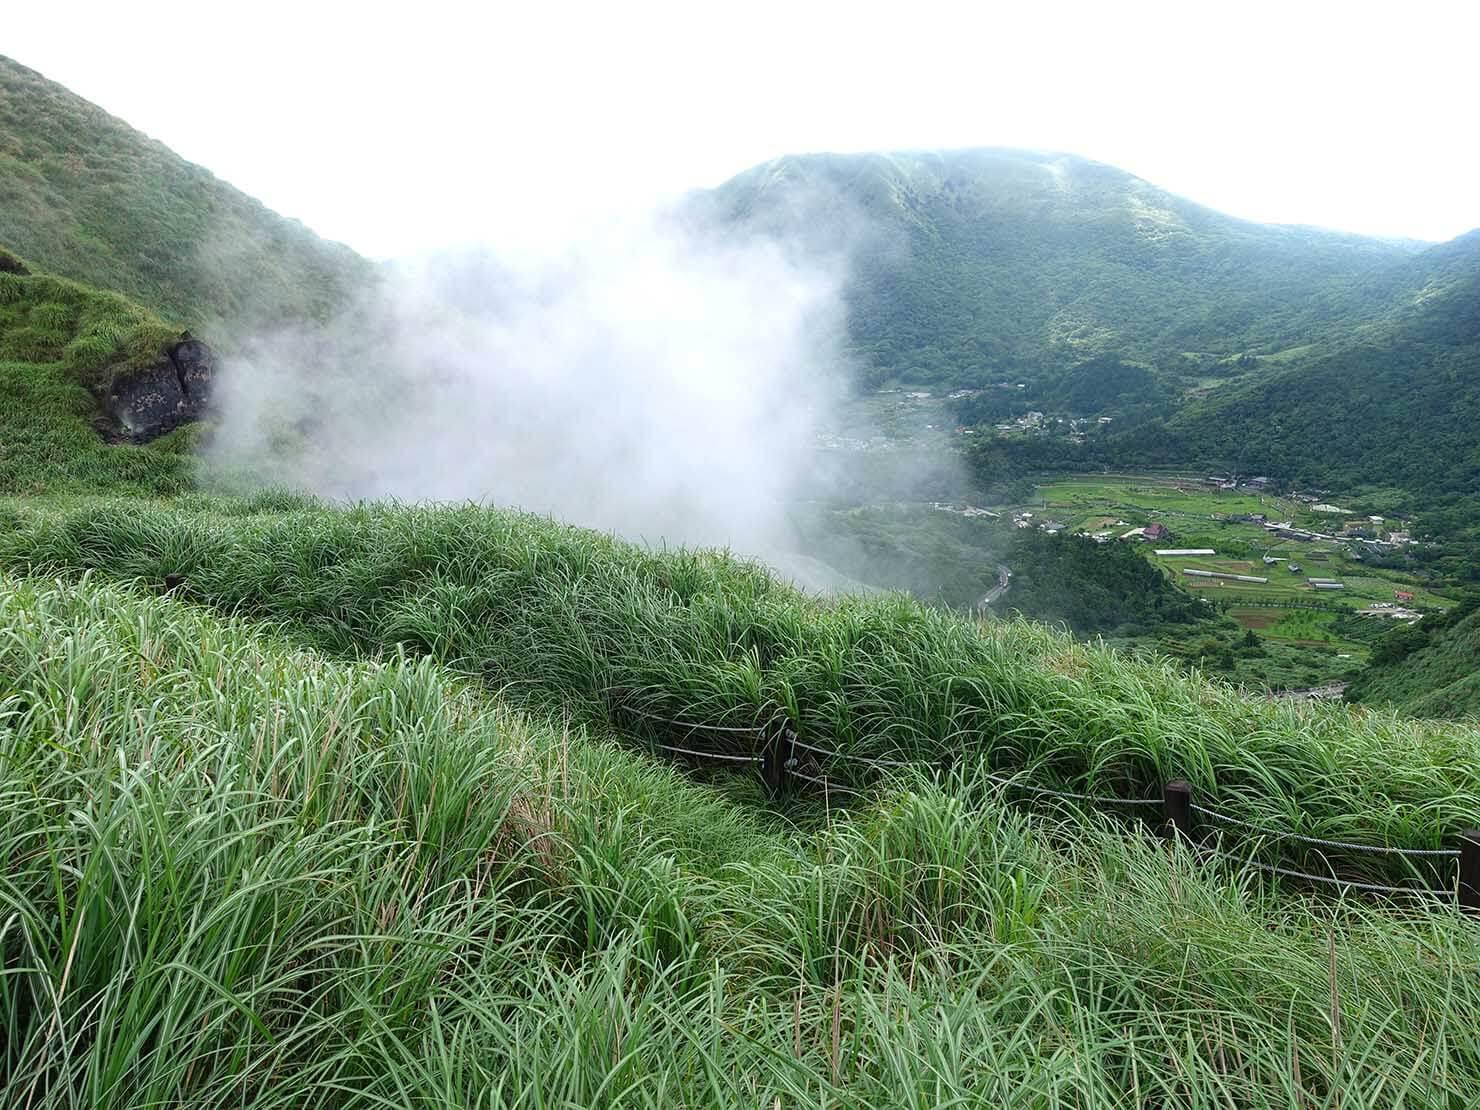 台北最高峰・七星山への登山歩道から眺める小油坑